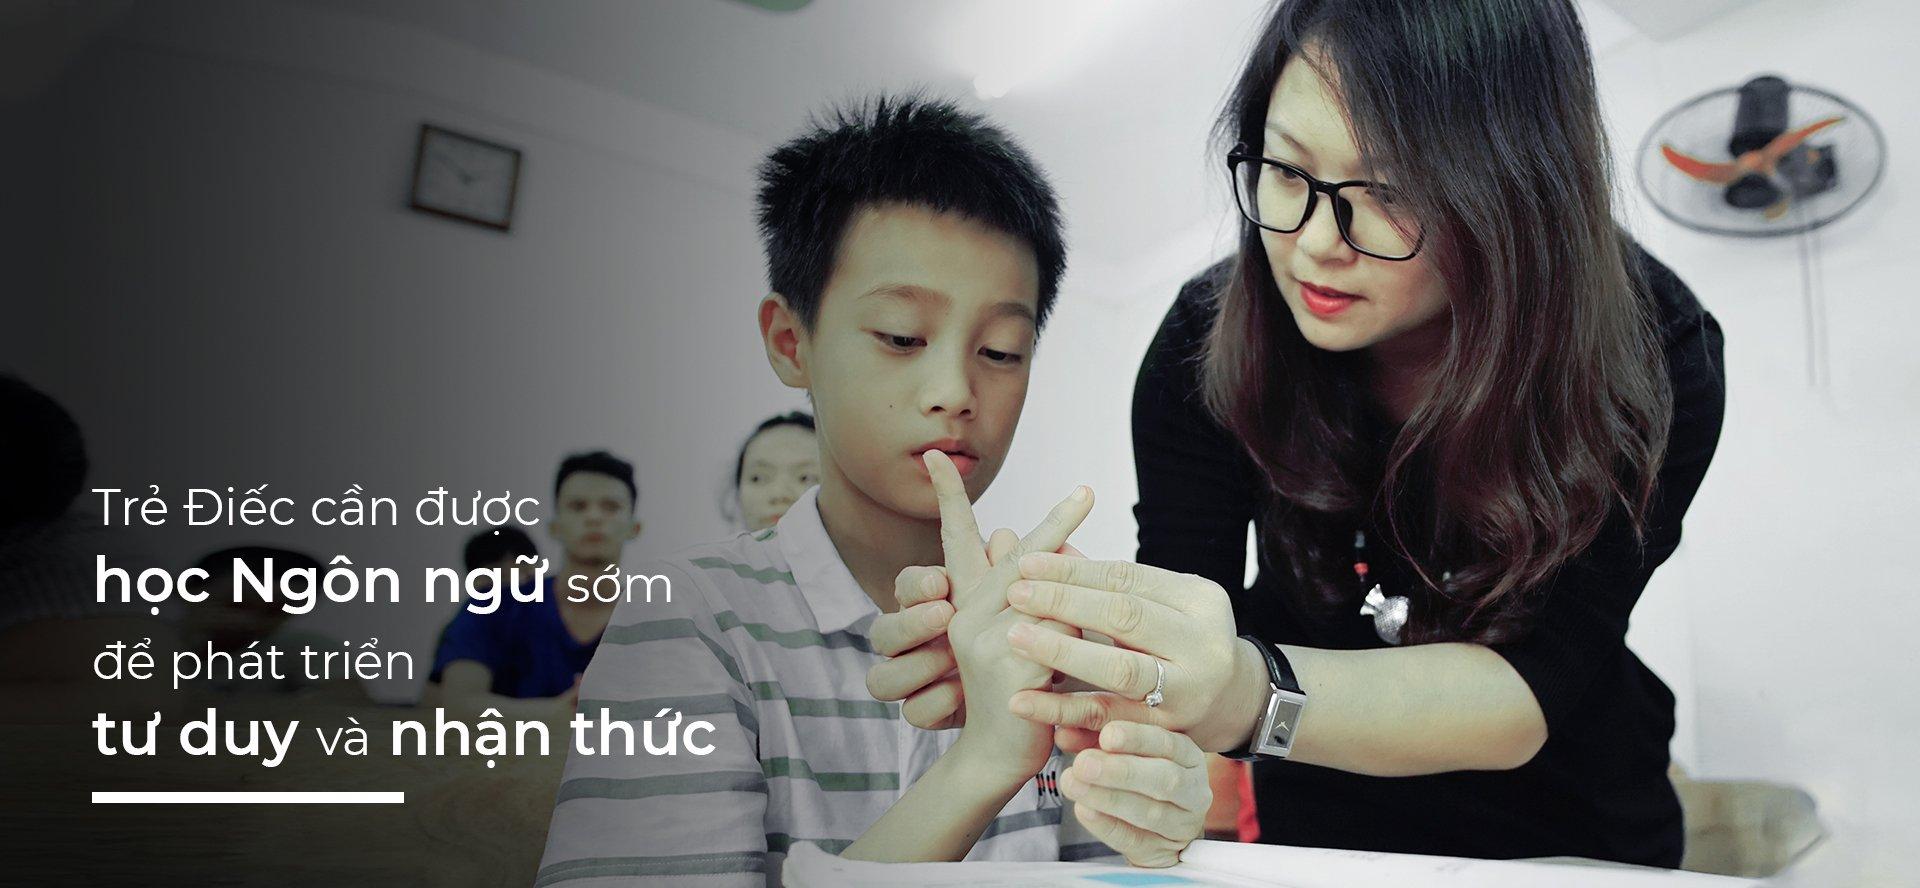 """Kiểm đếm kết quả học tập của học sinh khiếm thính tham gia dự án """"Nâng cao chất lượng giáo dục học sinh khiếm thính cấp tiểu học  thông qua ngôn ngữ ký hiệu"""" (QIPEDC)."""